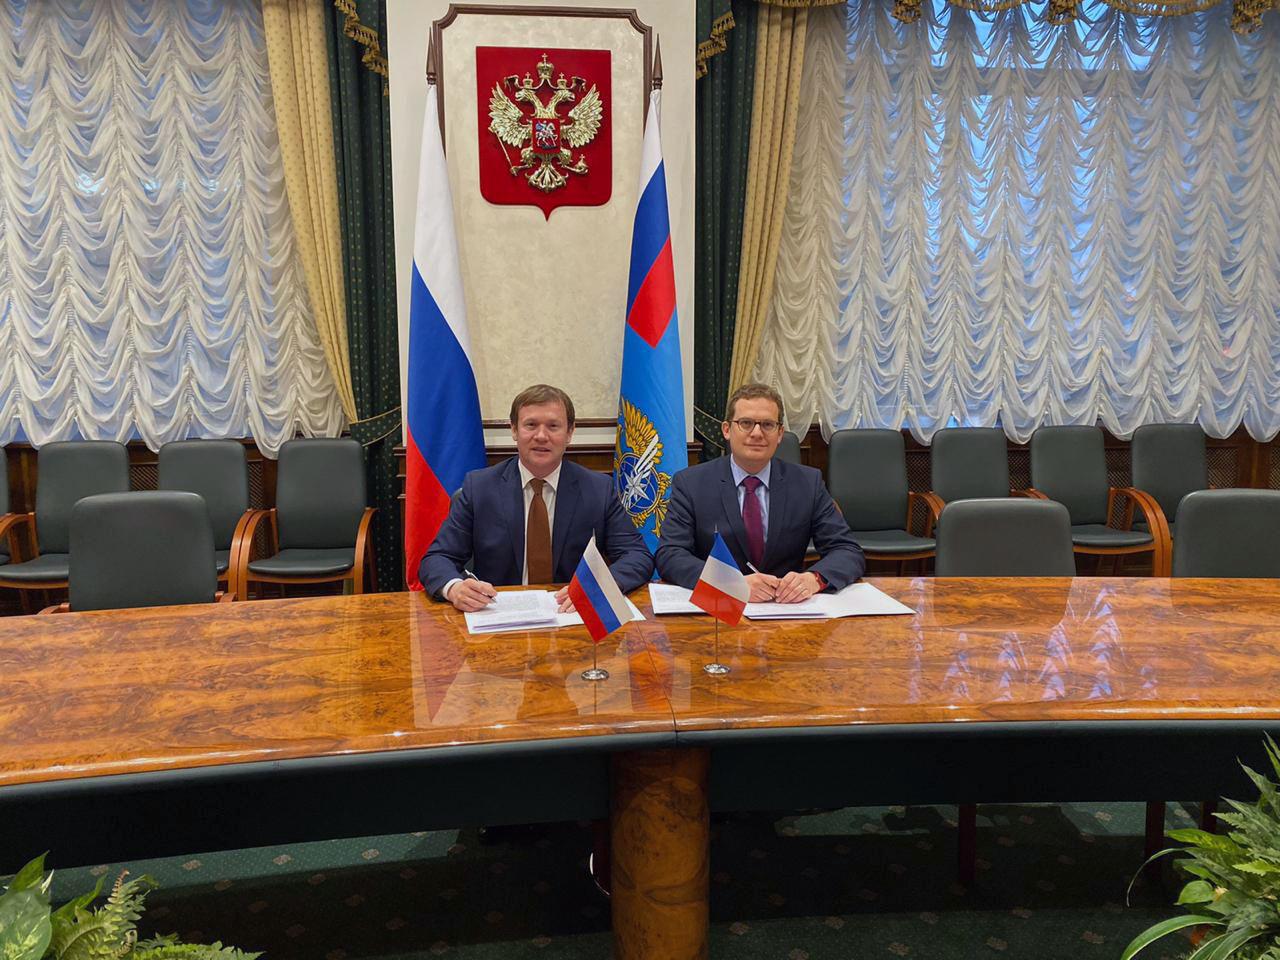 Россия и Франция согласовали контингент разрешений на 3 года вперед